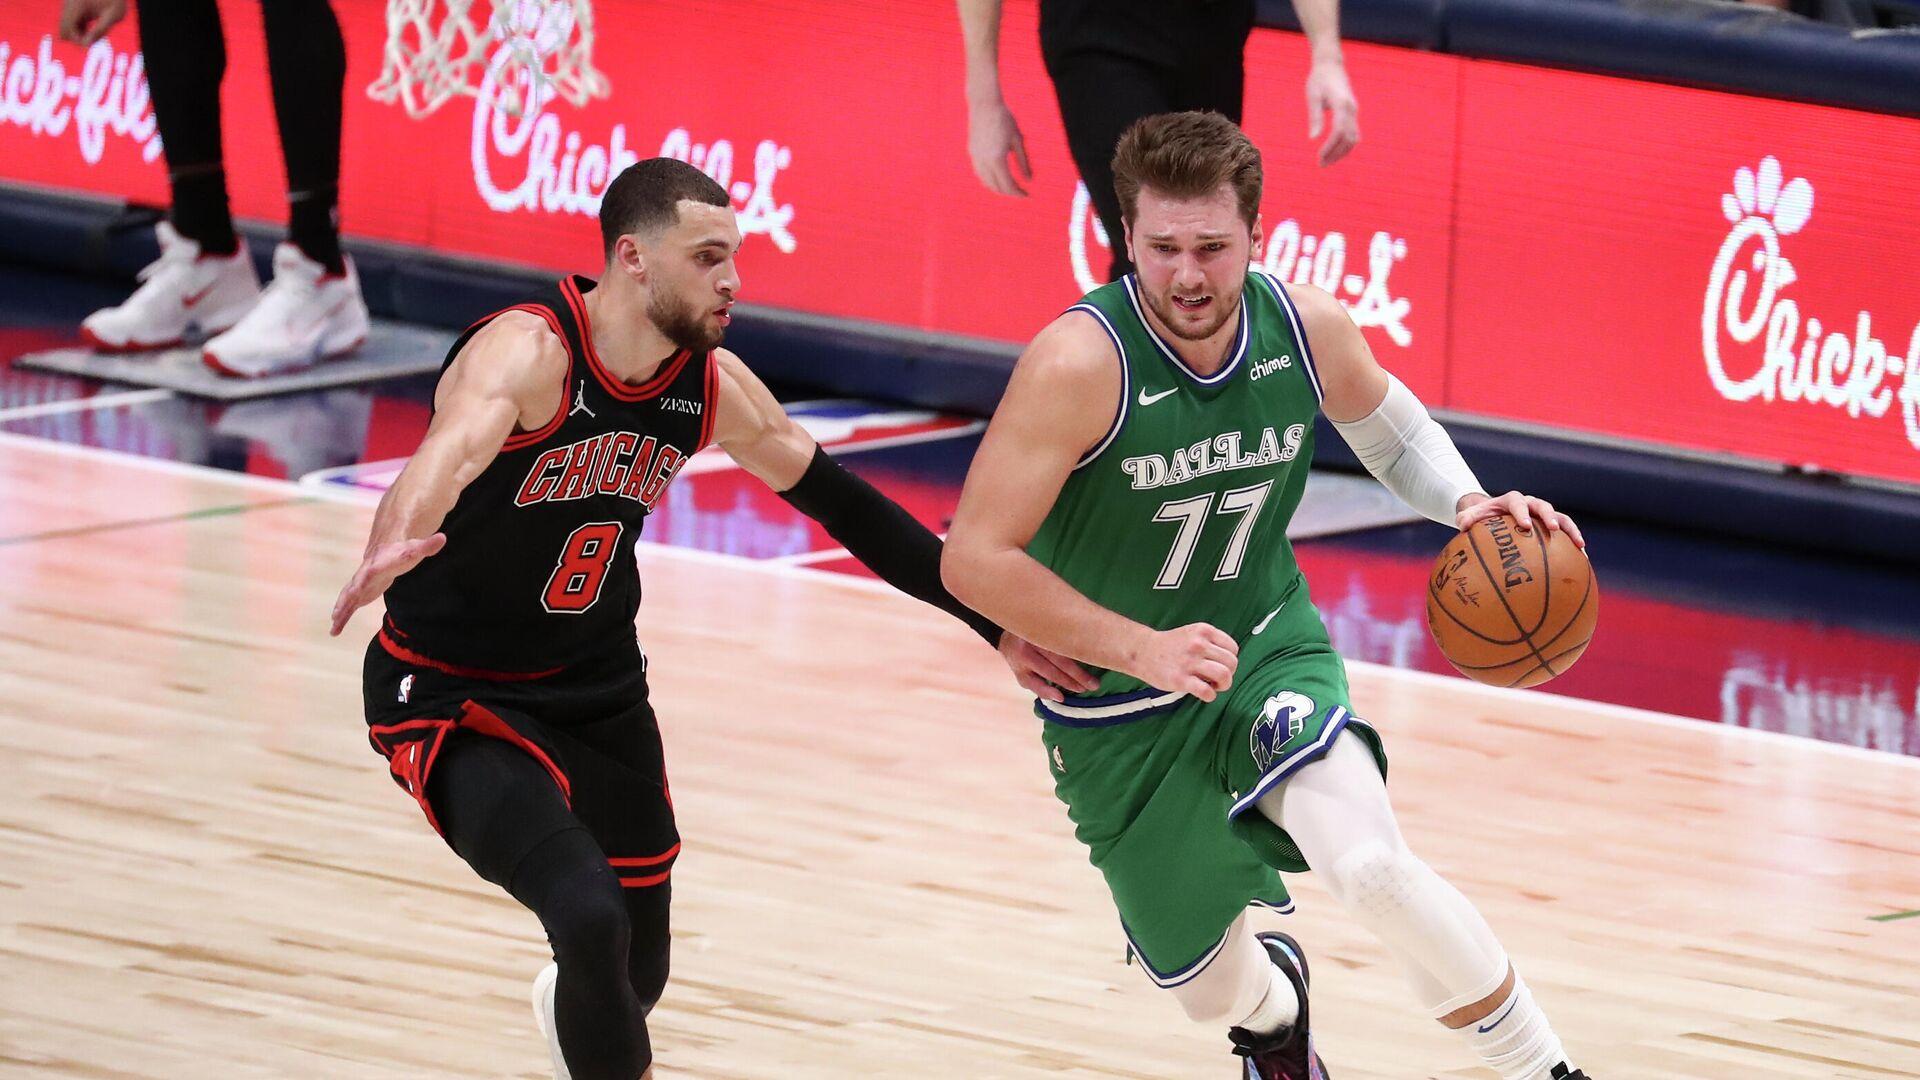 Баскетболист Даллас Мэверикс Лука Дончич (справа) - РИА Новости, 1920, 18.01.2021